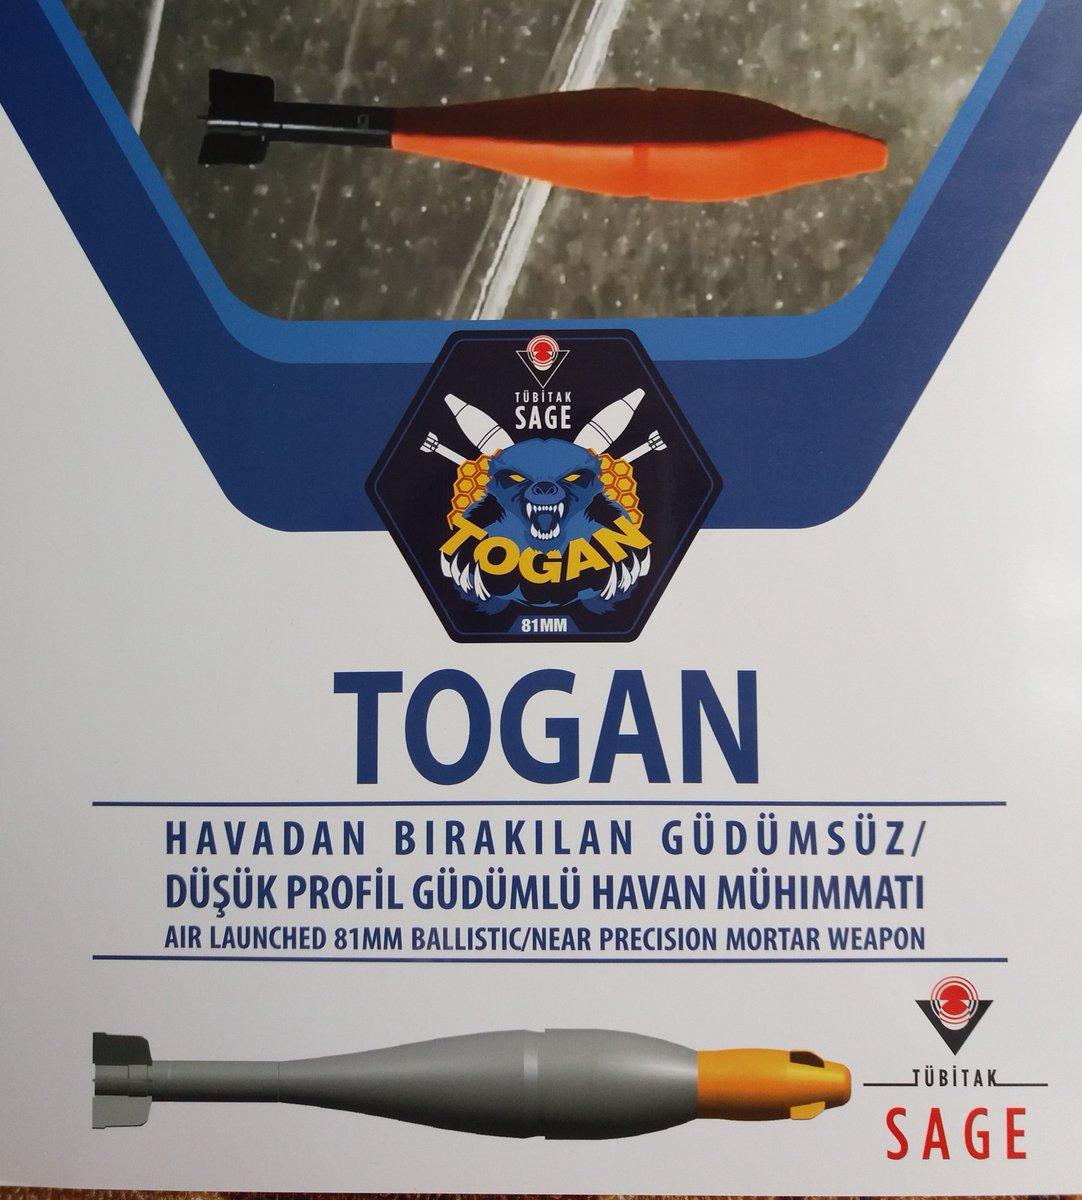 معرض الصناعات الدفاعية الدولي IDEF-17 ينطلق في إسطنبول.....تغطيه مصوره  - صفحة 2 C_iZ7TqWsAEqeUn